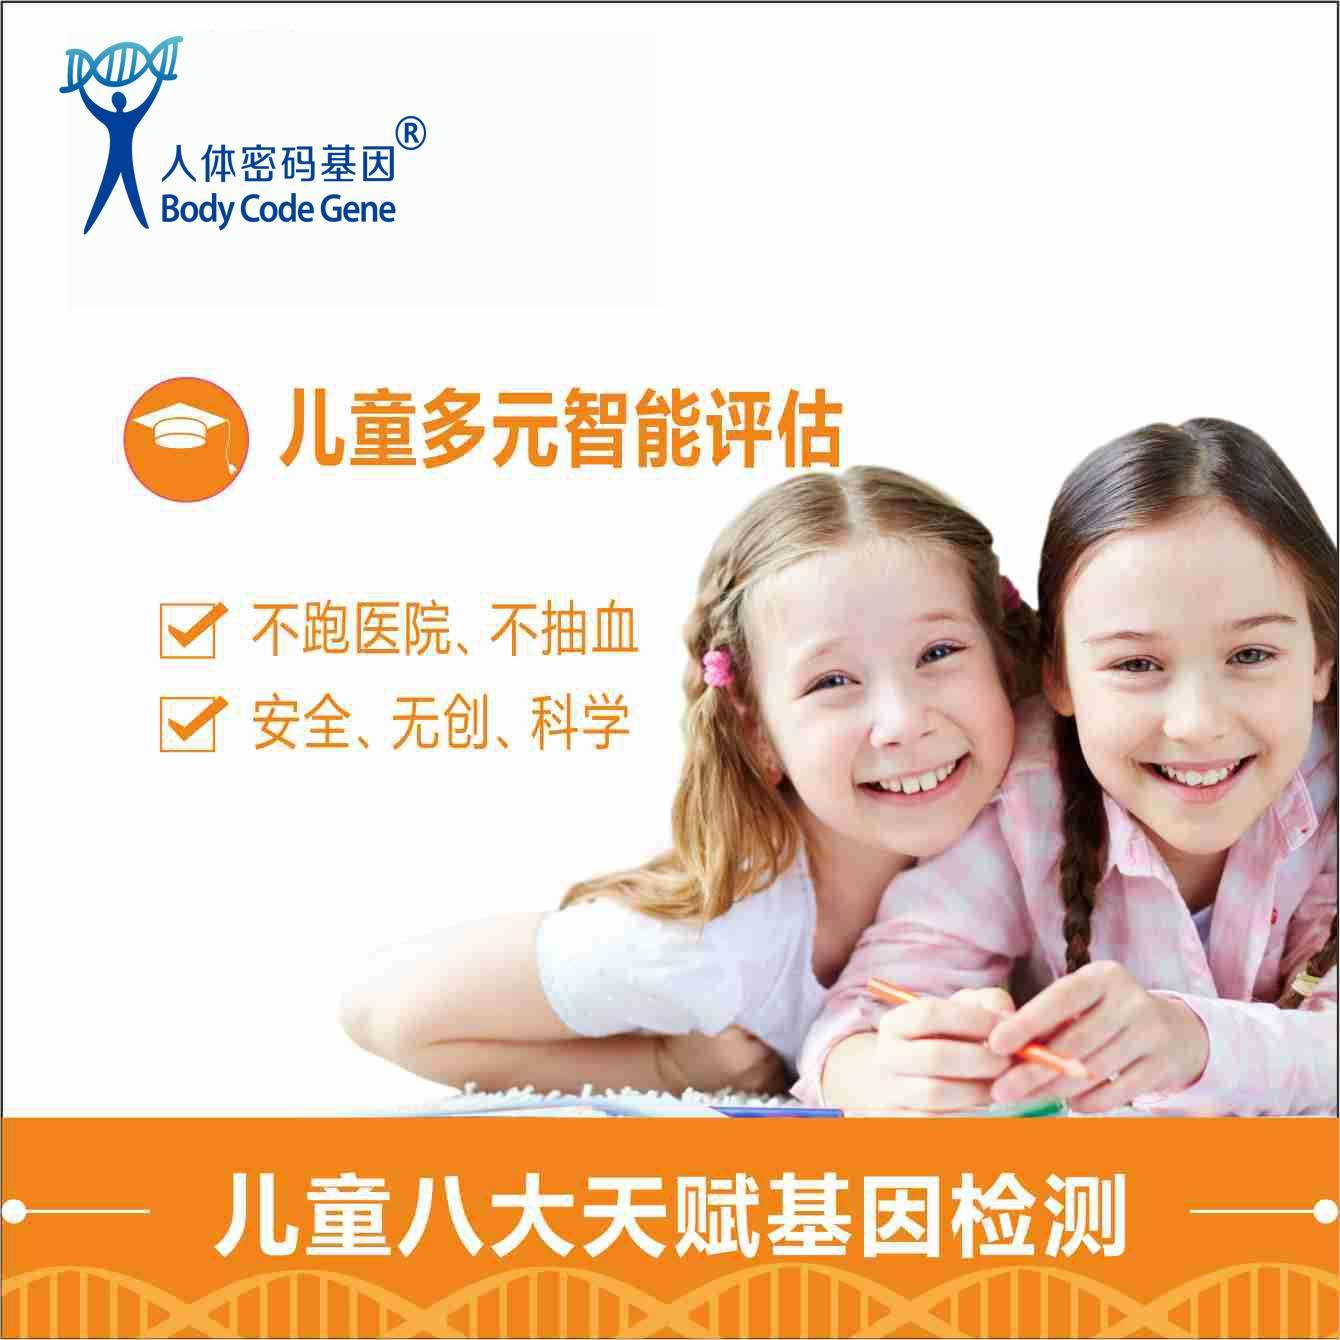 【深圳】仅需1788元超值抢购  儿童多元智能评估(45项天赋)检测套餐,专业全面评估儿童智能,快带娃来解开基因密码吧~